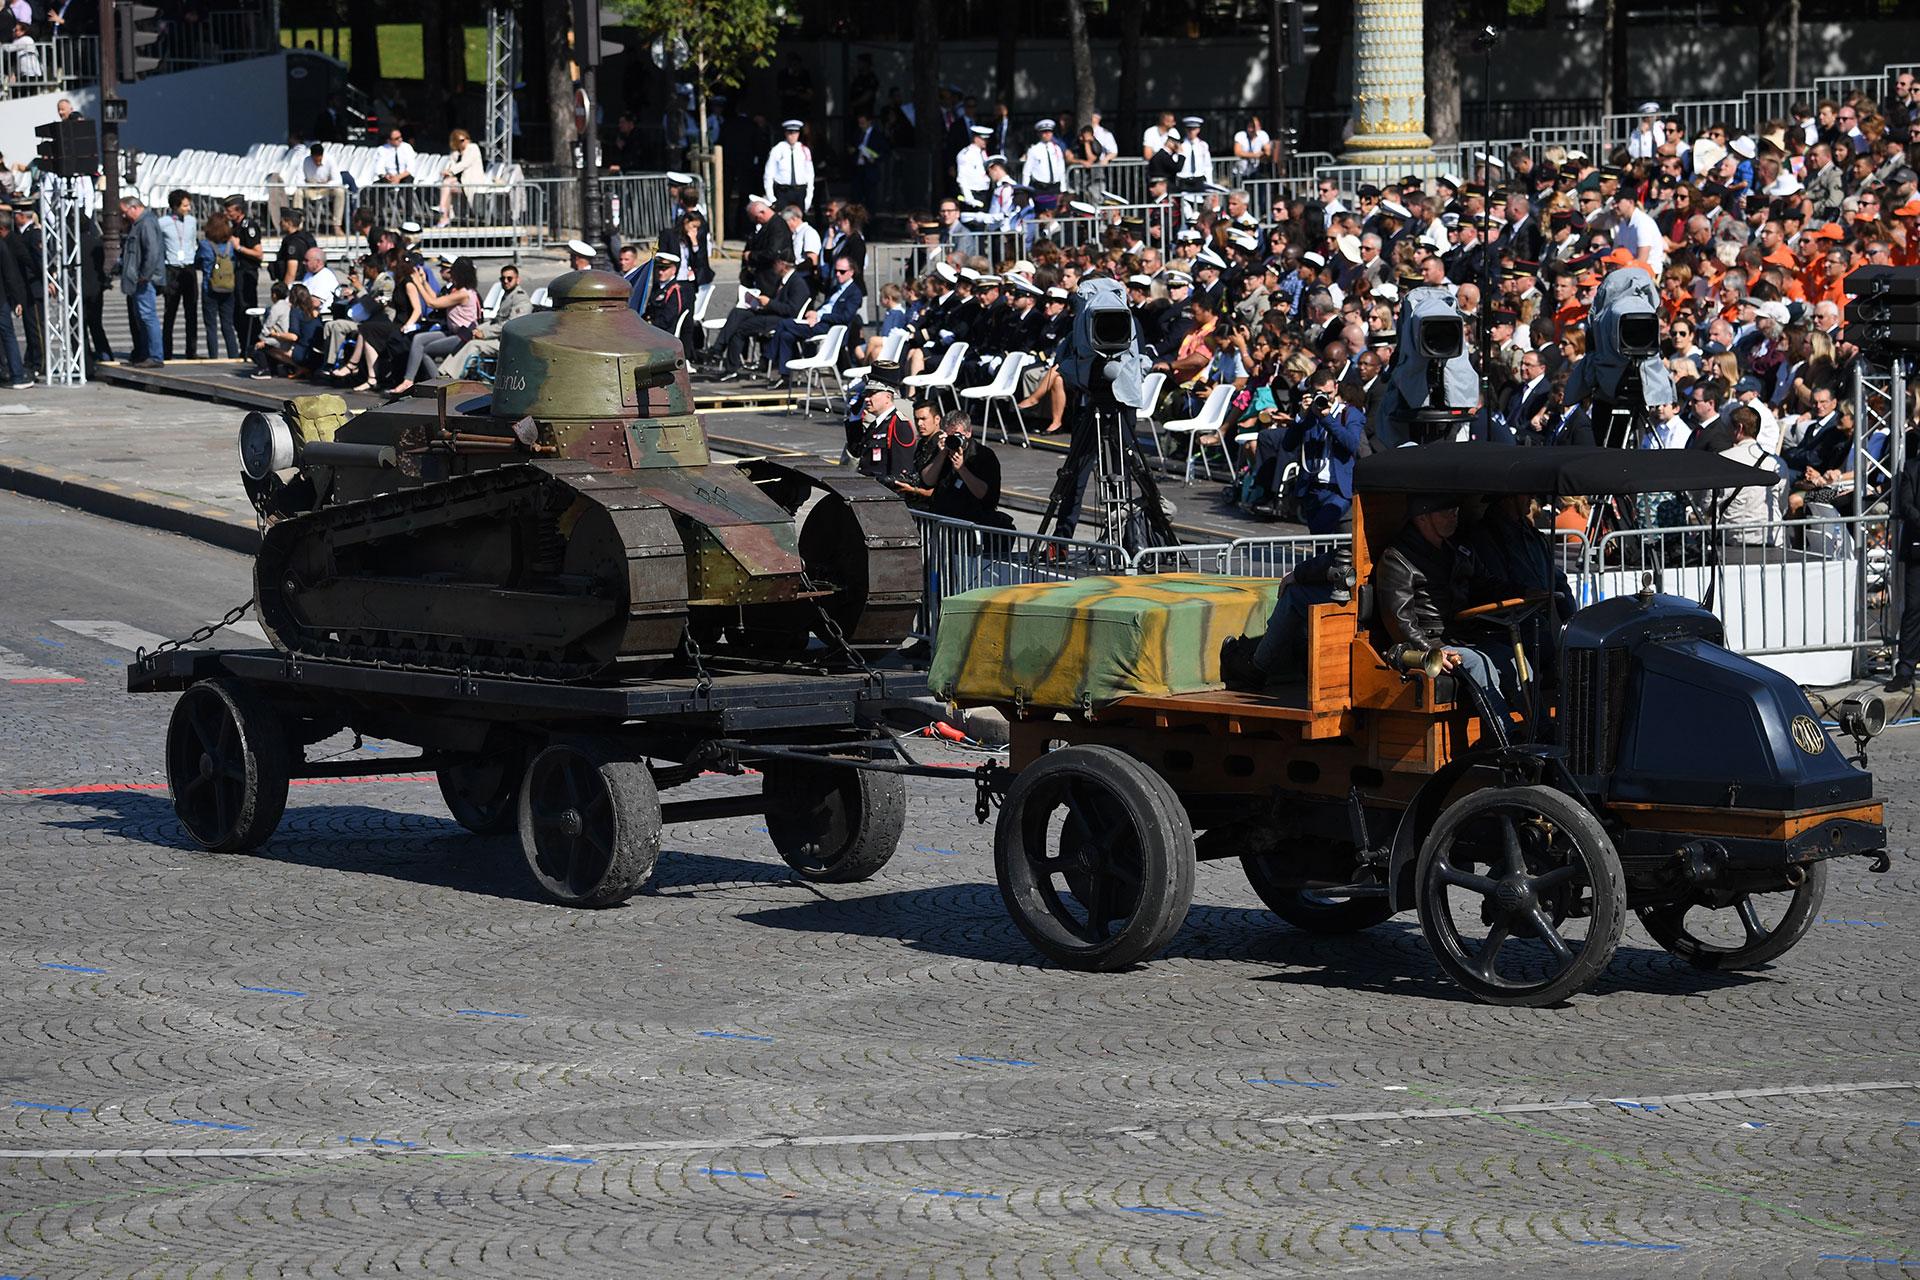 Un tanque ligero Renault FT y un camión de la marca automotriz francesa desfilaron sobre la avenida Champs-Elysses (AFP)